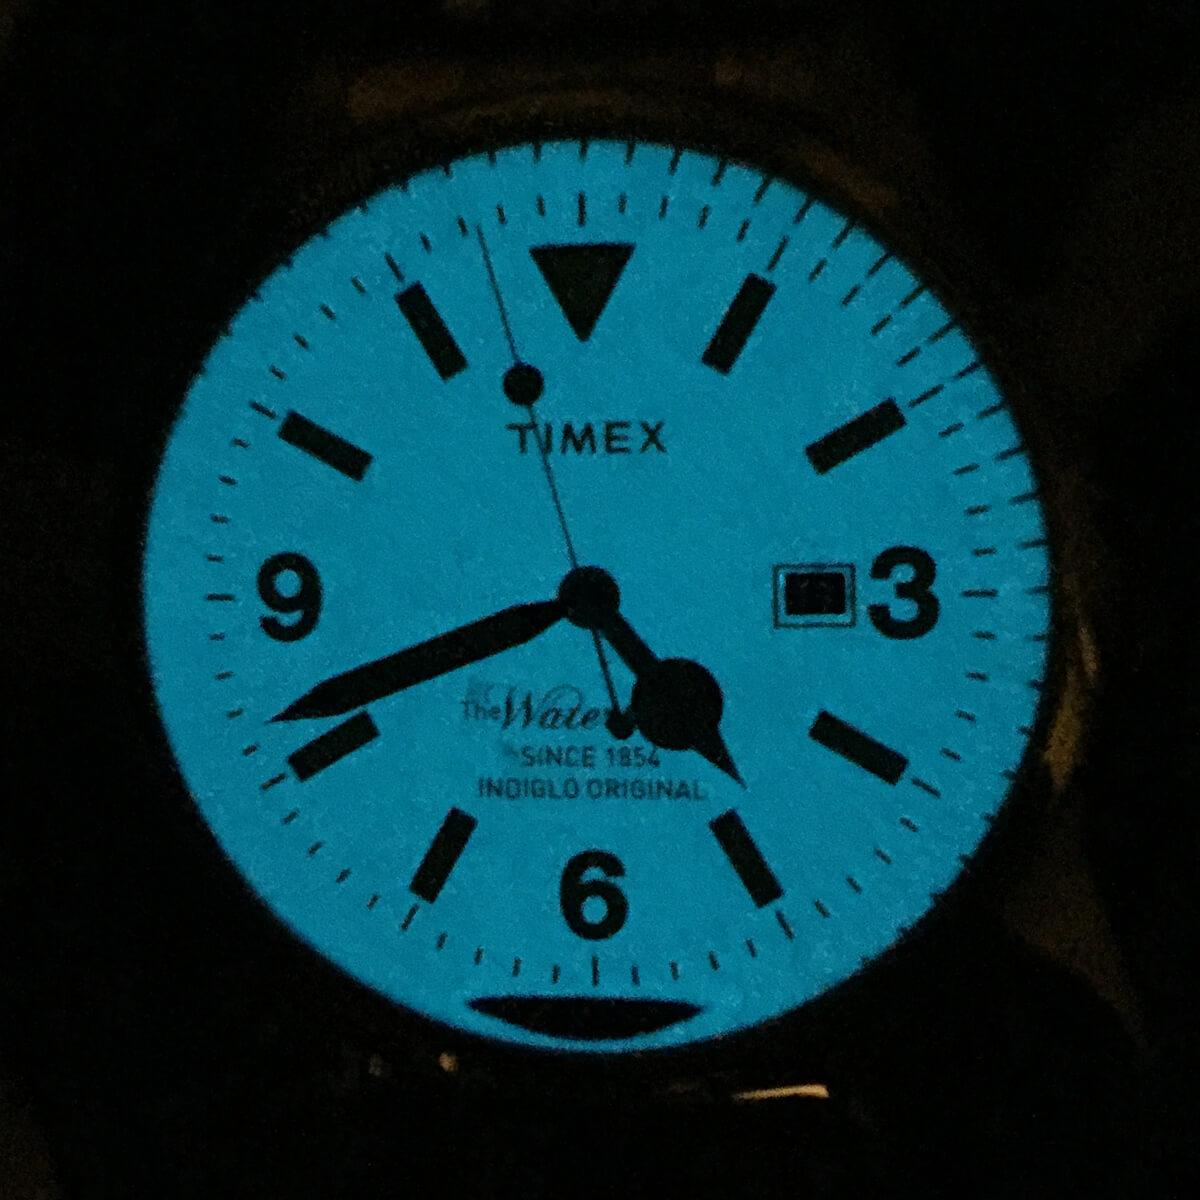 タイメックス ザ ウォーターベリー tw2p75100 インディグロナイトライトイメージ